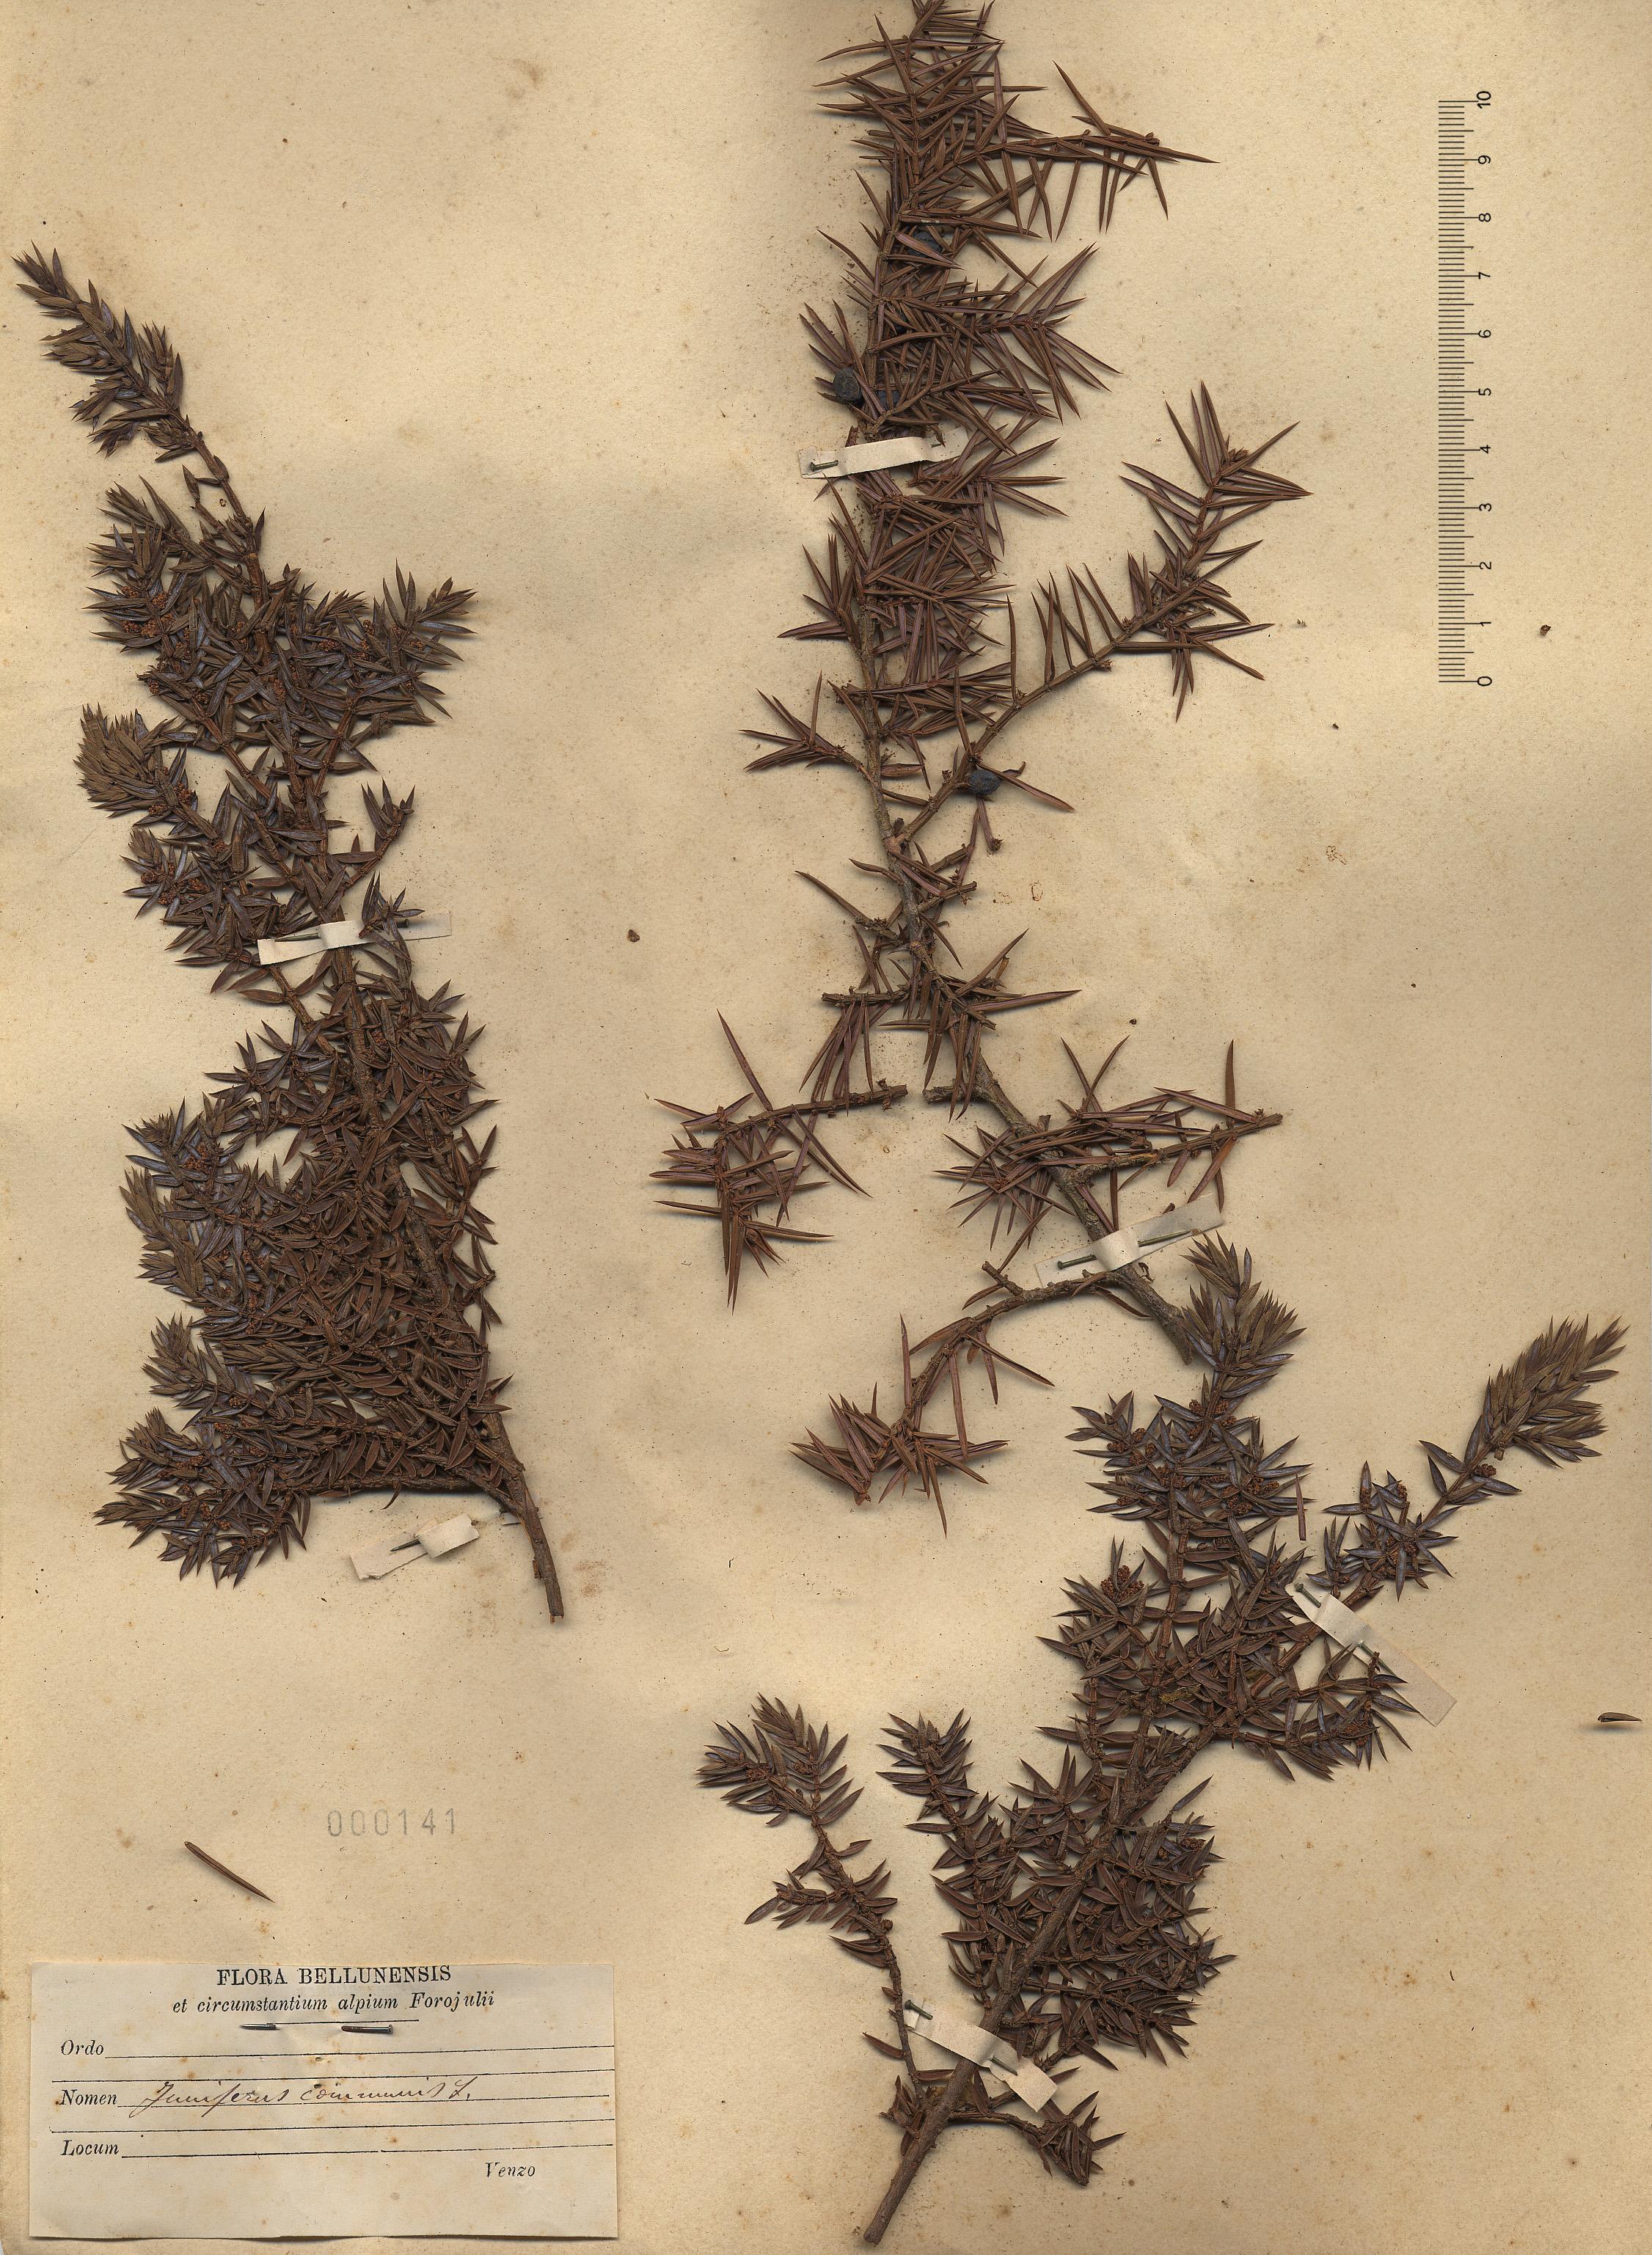 © Hortus Botanicus Catinensis - Herb. sheet 000141<br>